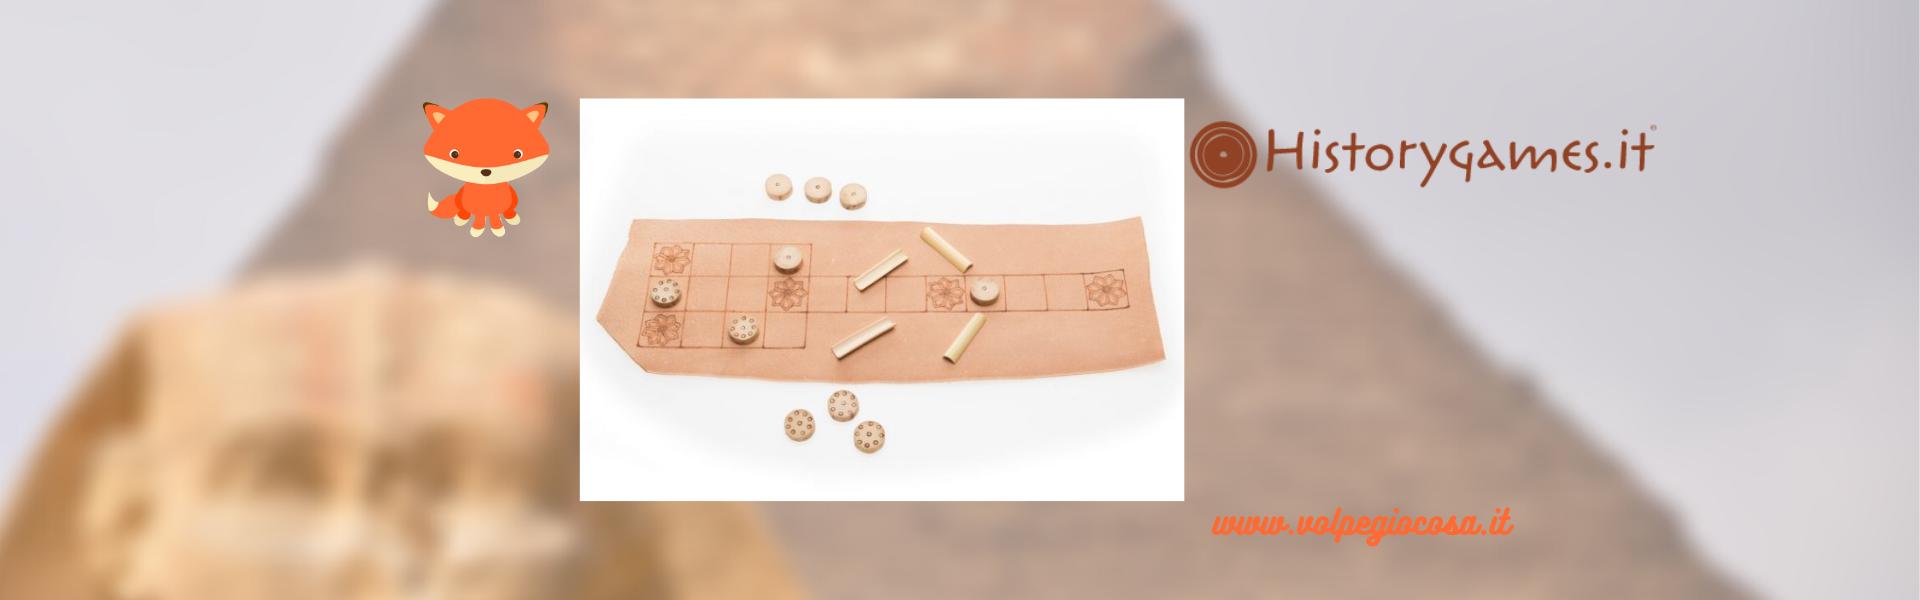 Nuove scoperte ludiche a Saqqara: la parola a Historygames.it